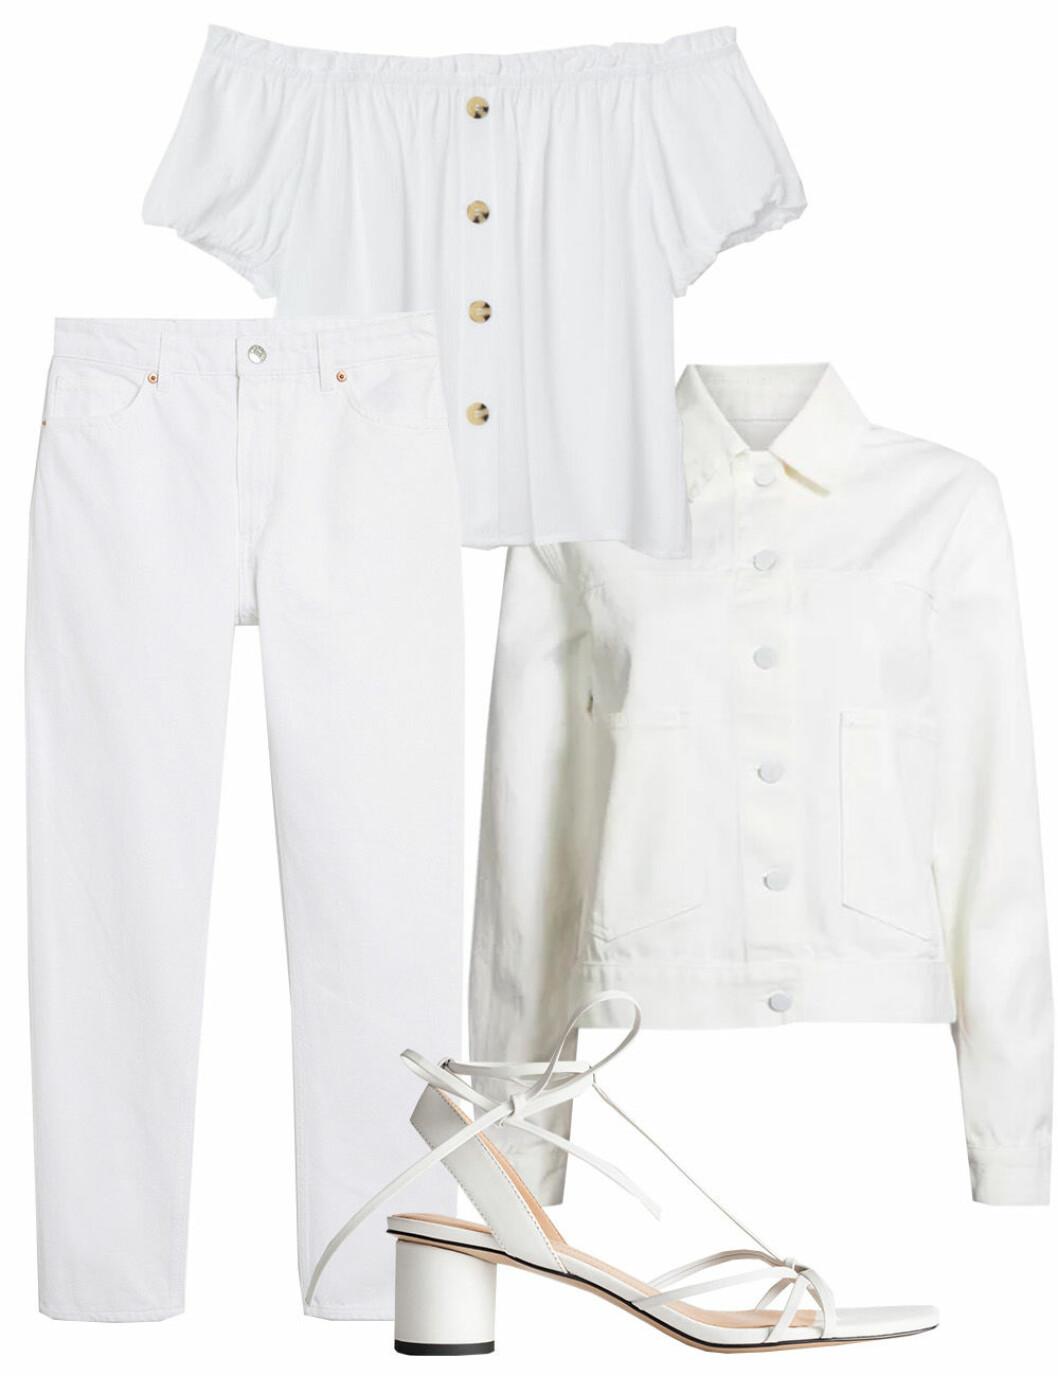 Vita kläder till midsommar 2019